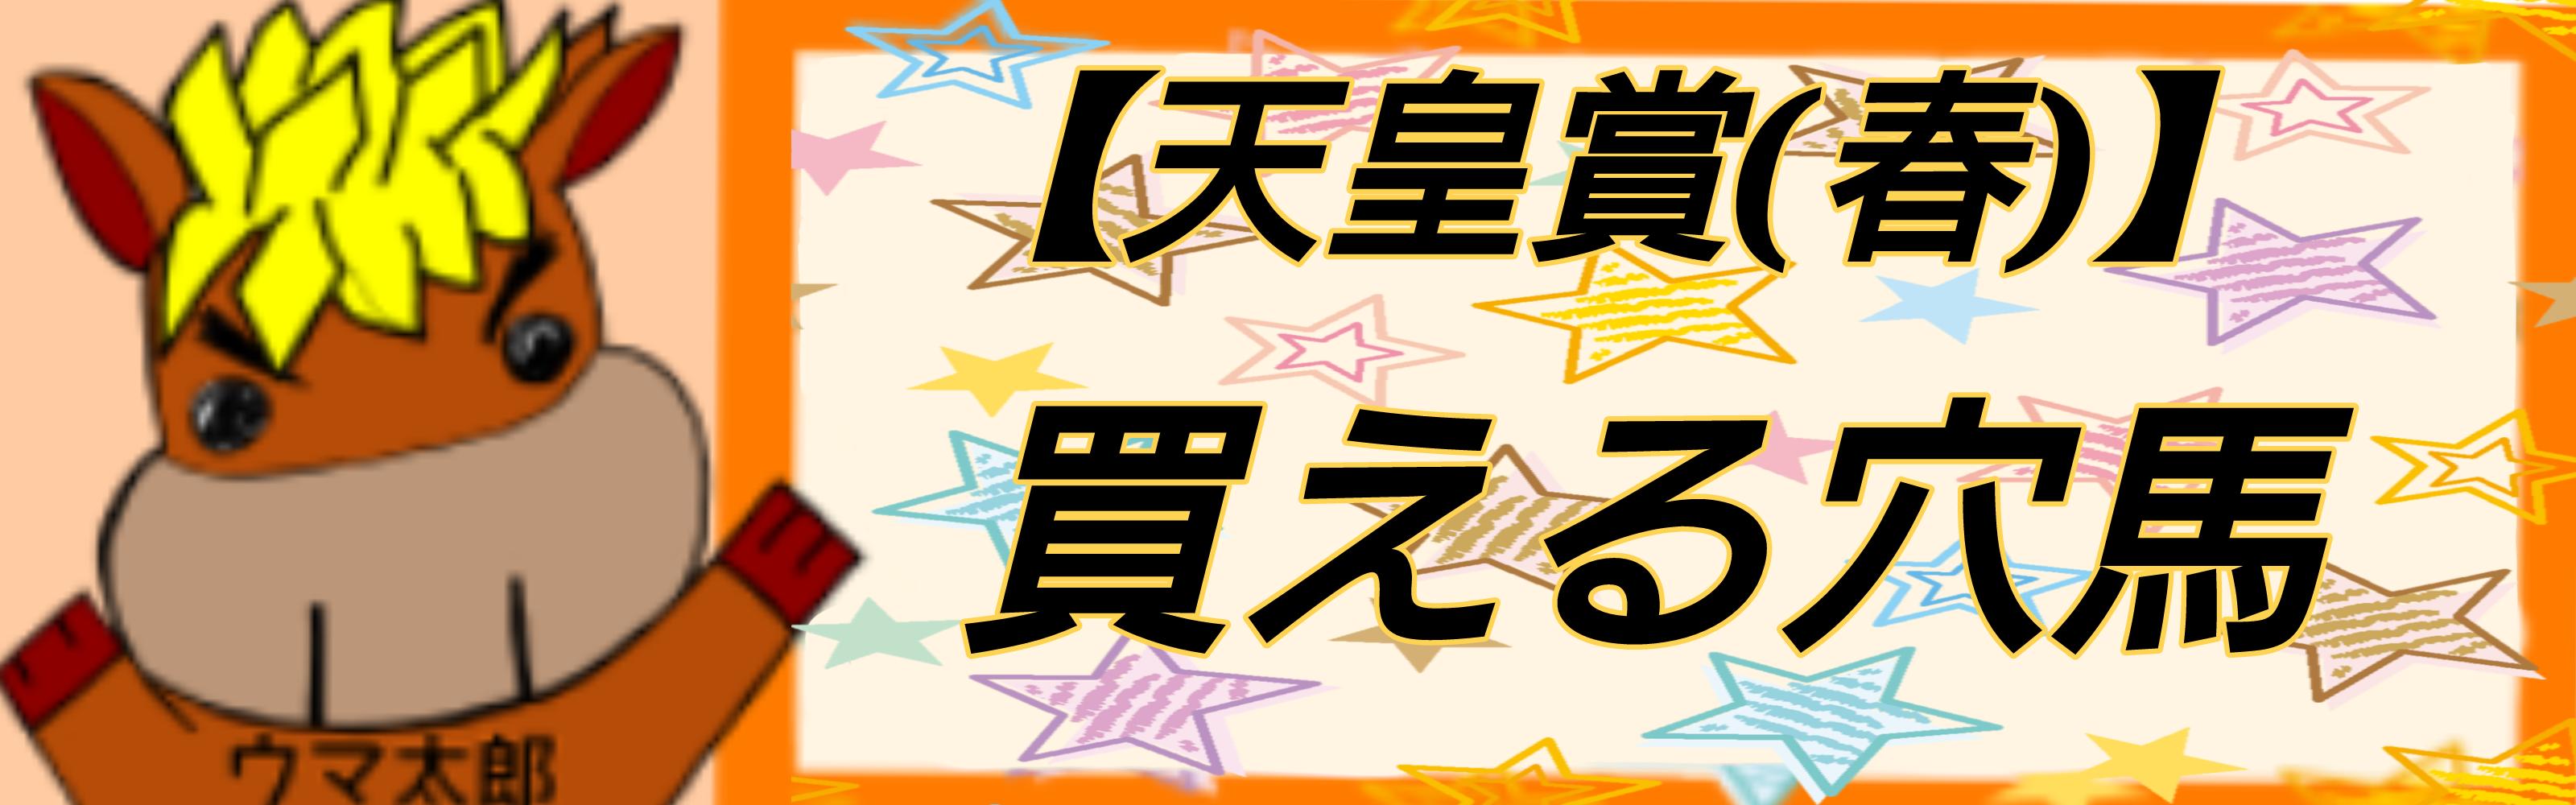 天皇賞(春) 買える穴馬